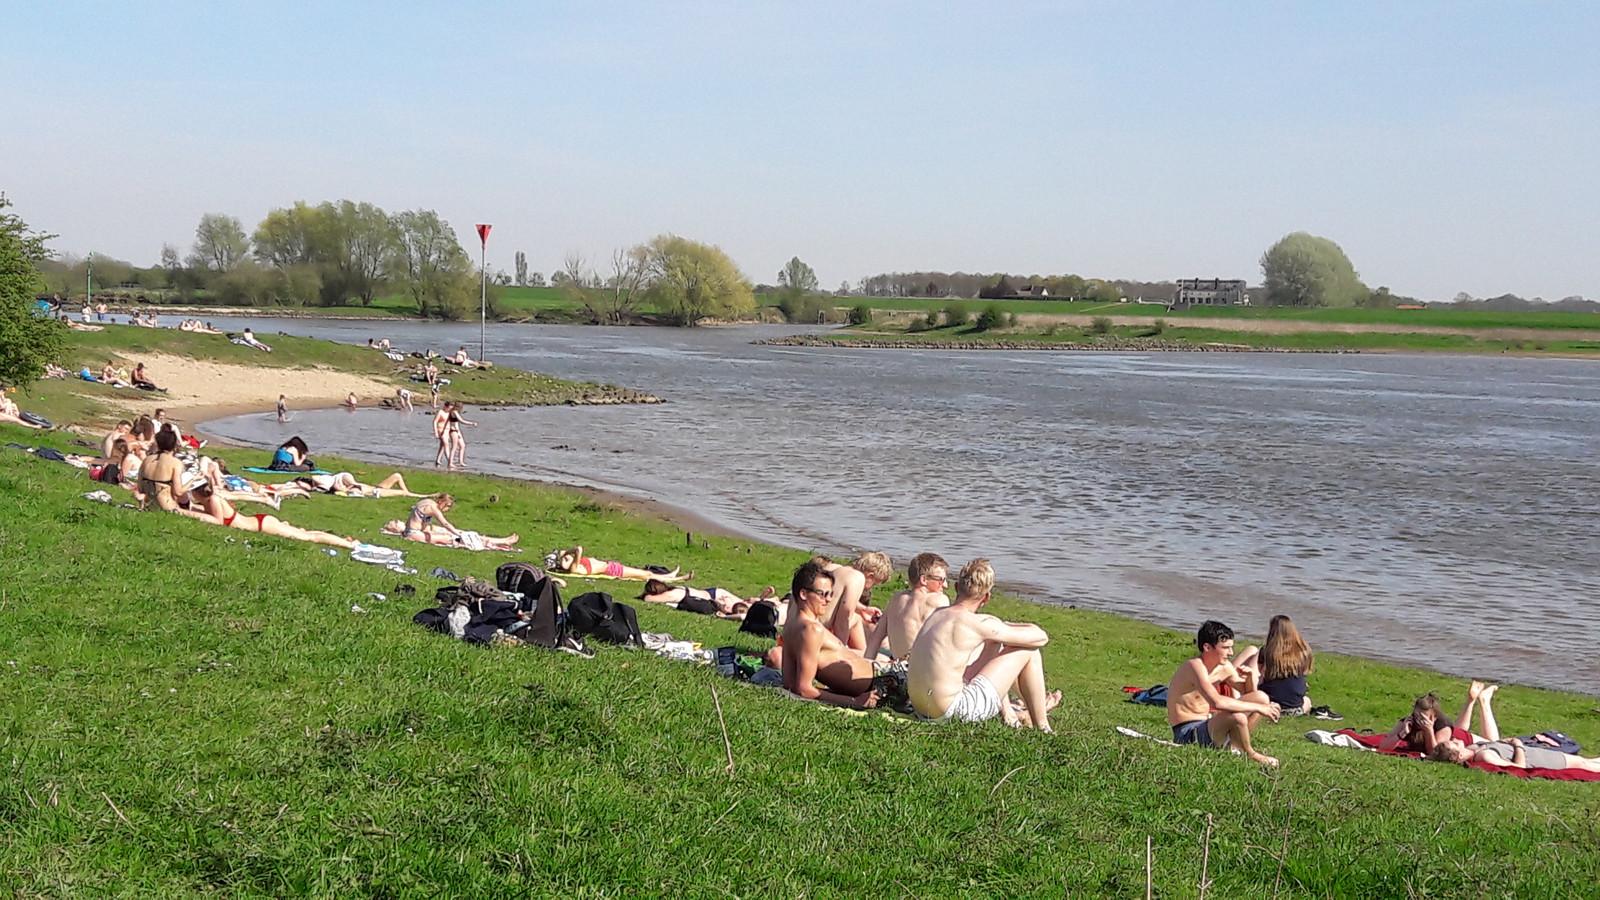 Lekker genieten van het mooie weer aan de boorden van de Rijn bij Wageningen. Als het aan Mooi Wageningen en zeven watersportverenigingen ligt komt er geen recreatieplas dichter bij de stad.